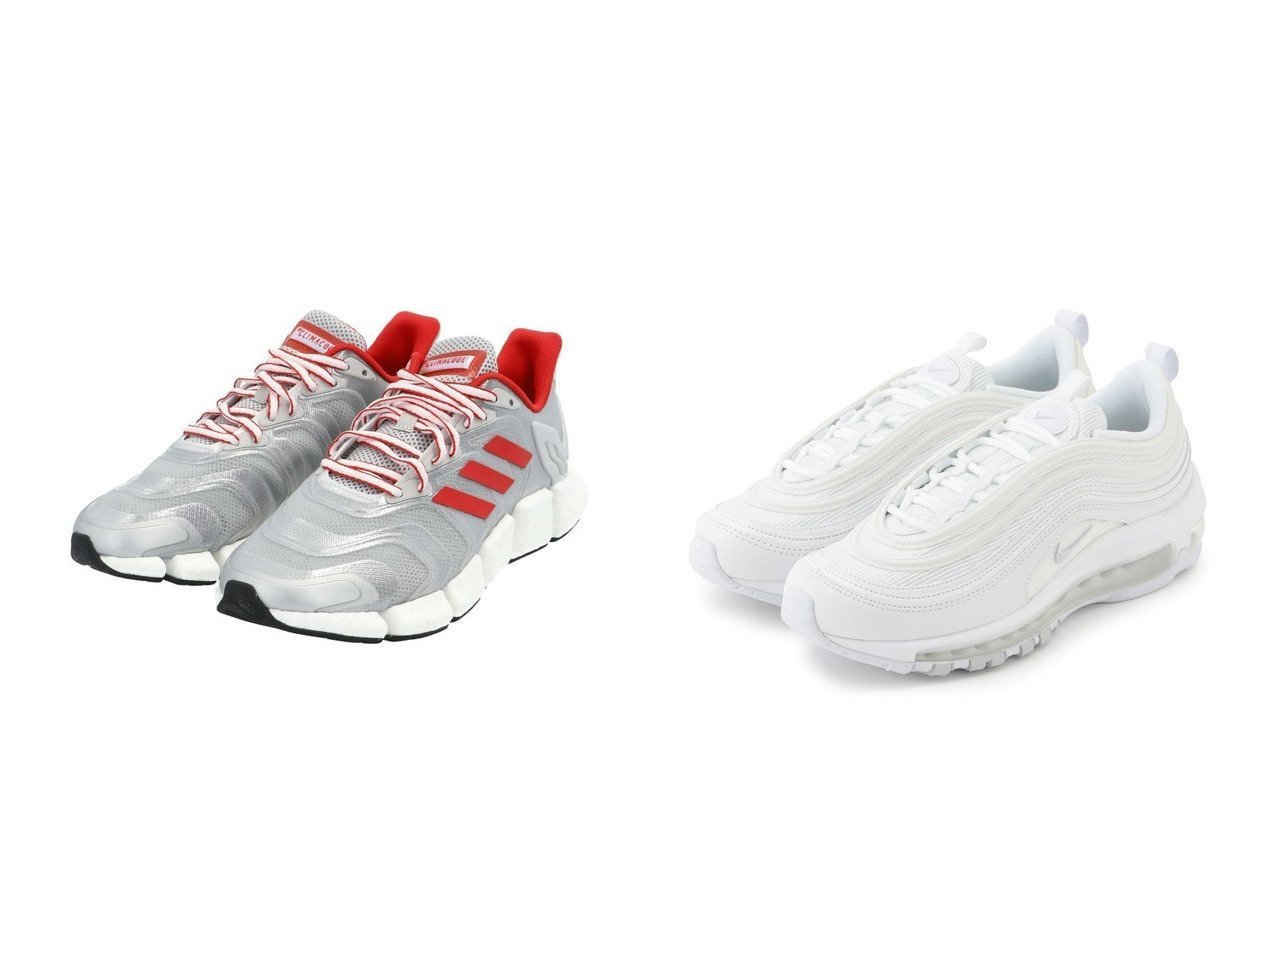 【NERGY/ナージー】の【NIKE】ナイキエアマックス97ウィメンズシューズ&【adidas Sports Performance/アディダス スポーツ パフォーマンス】のクライマクール ベント CLIMACOOL VENTO アディダス シューズ・靴のおすすめ!人気、トレンド・レディースファッションの通販  おすすめで人気の流行・トレンド、ファッションの通販商品 メンズファッション・キッズファッション・インテリア・家具・レディースファッション・服の通販 founy(ファニー) https://founy.com/ ファッション Fashion レディースファッション WOMEN NEW・新作・新着・新入荷 New Arrivals シューズ スニーカー スリッポン メッシュ ランニング パイピング |ID:crp329100000019268